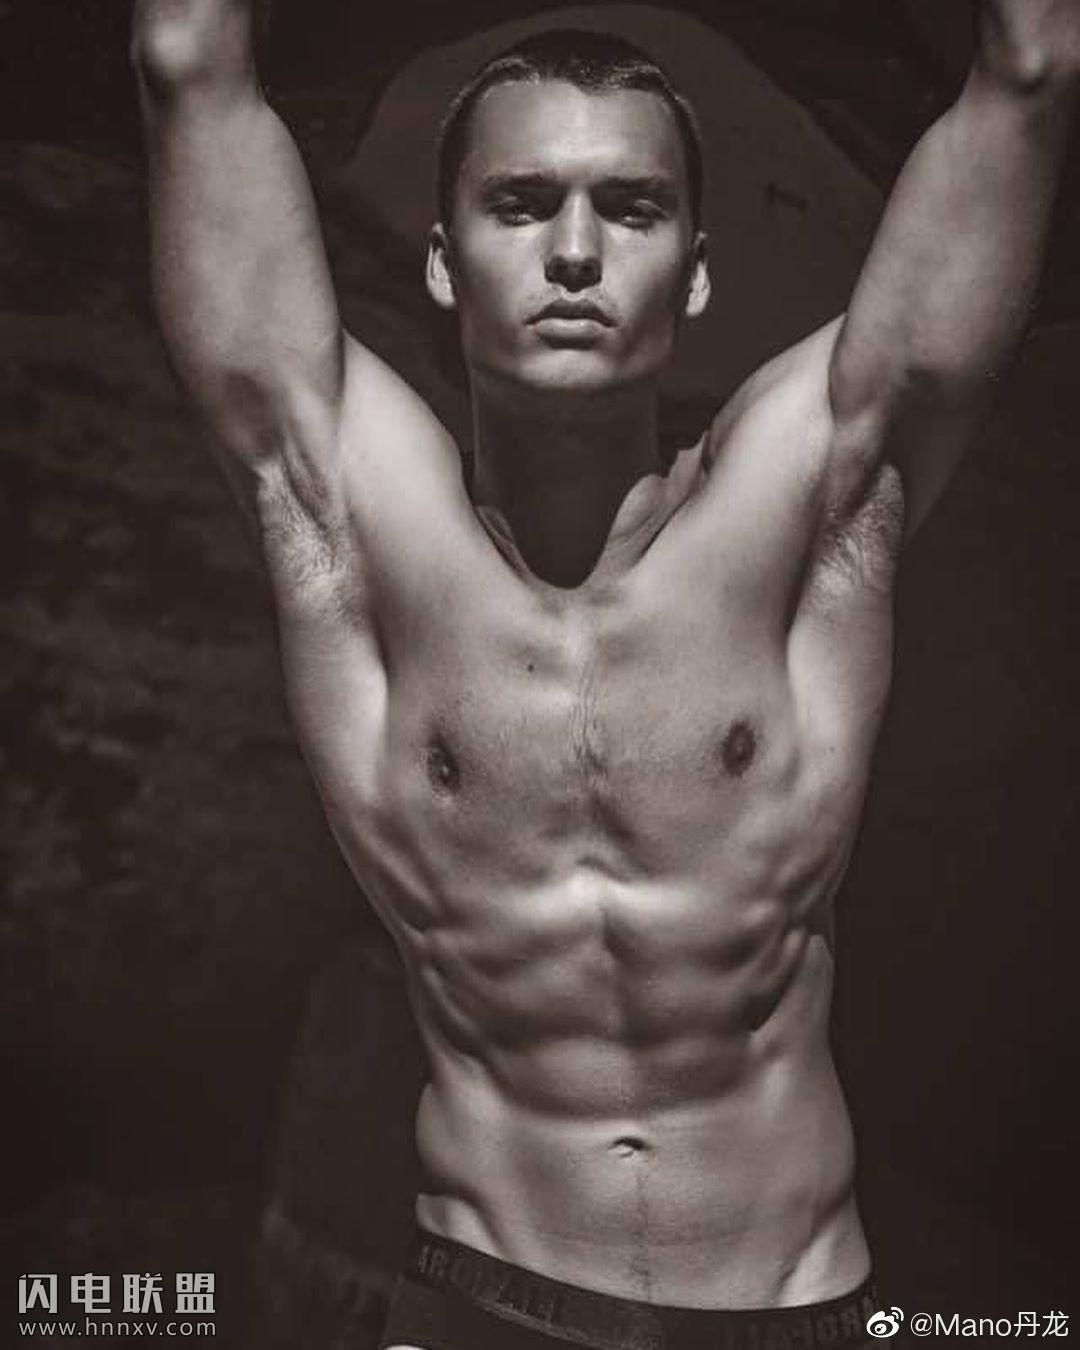 性感肌肉男模大鸟内裤摄影写真集